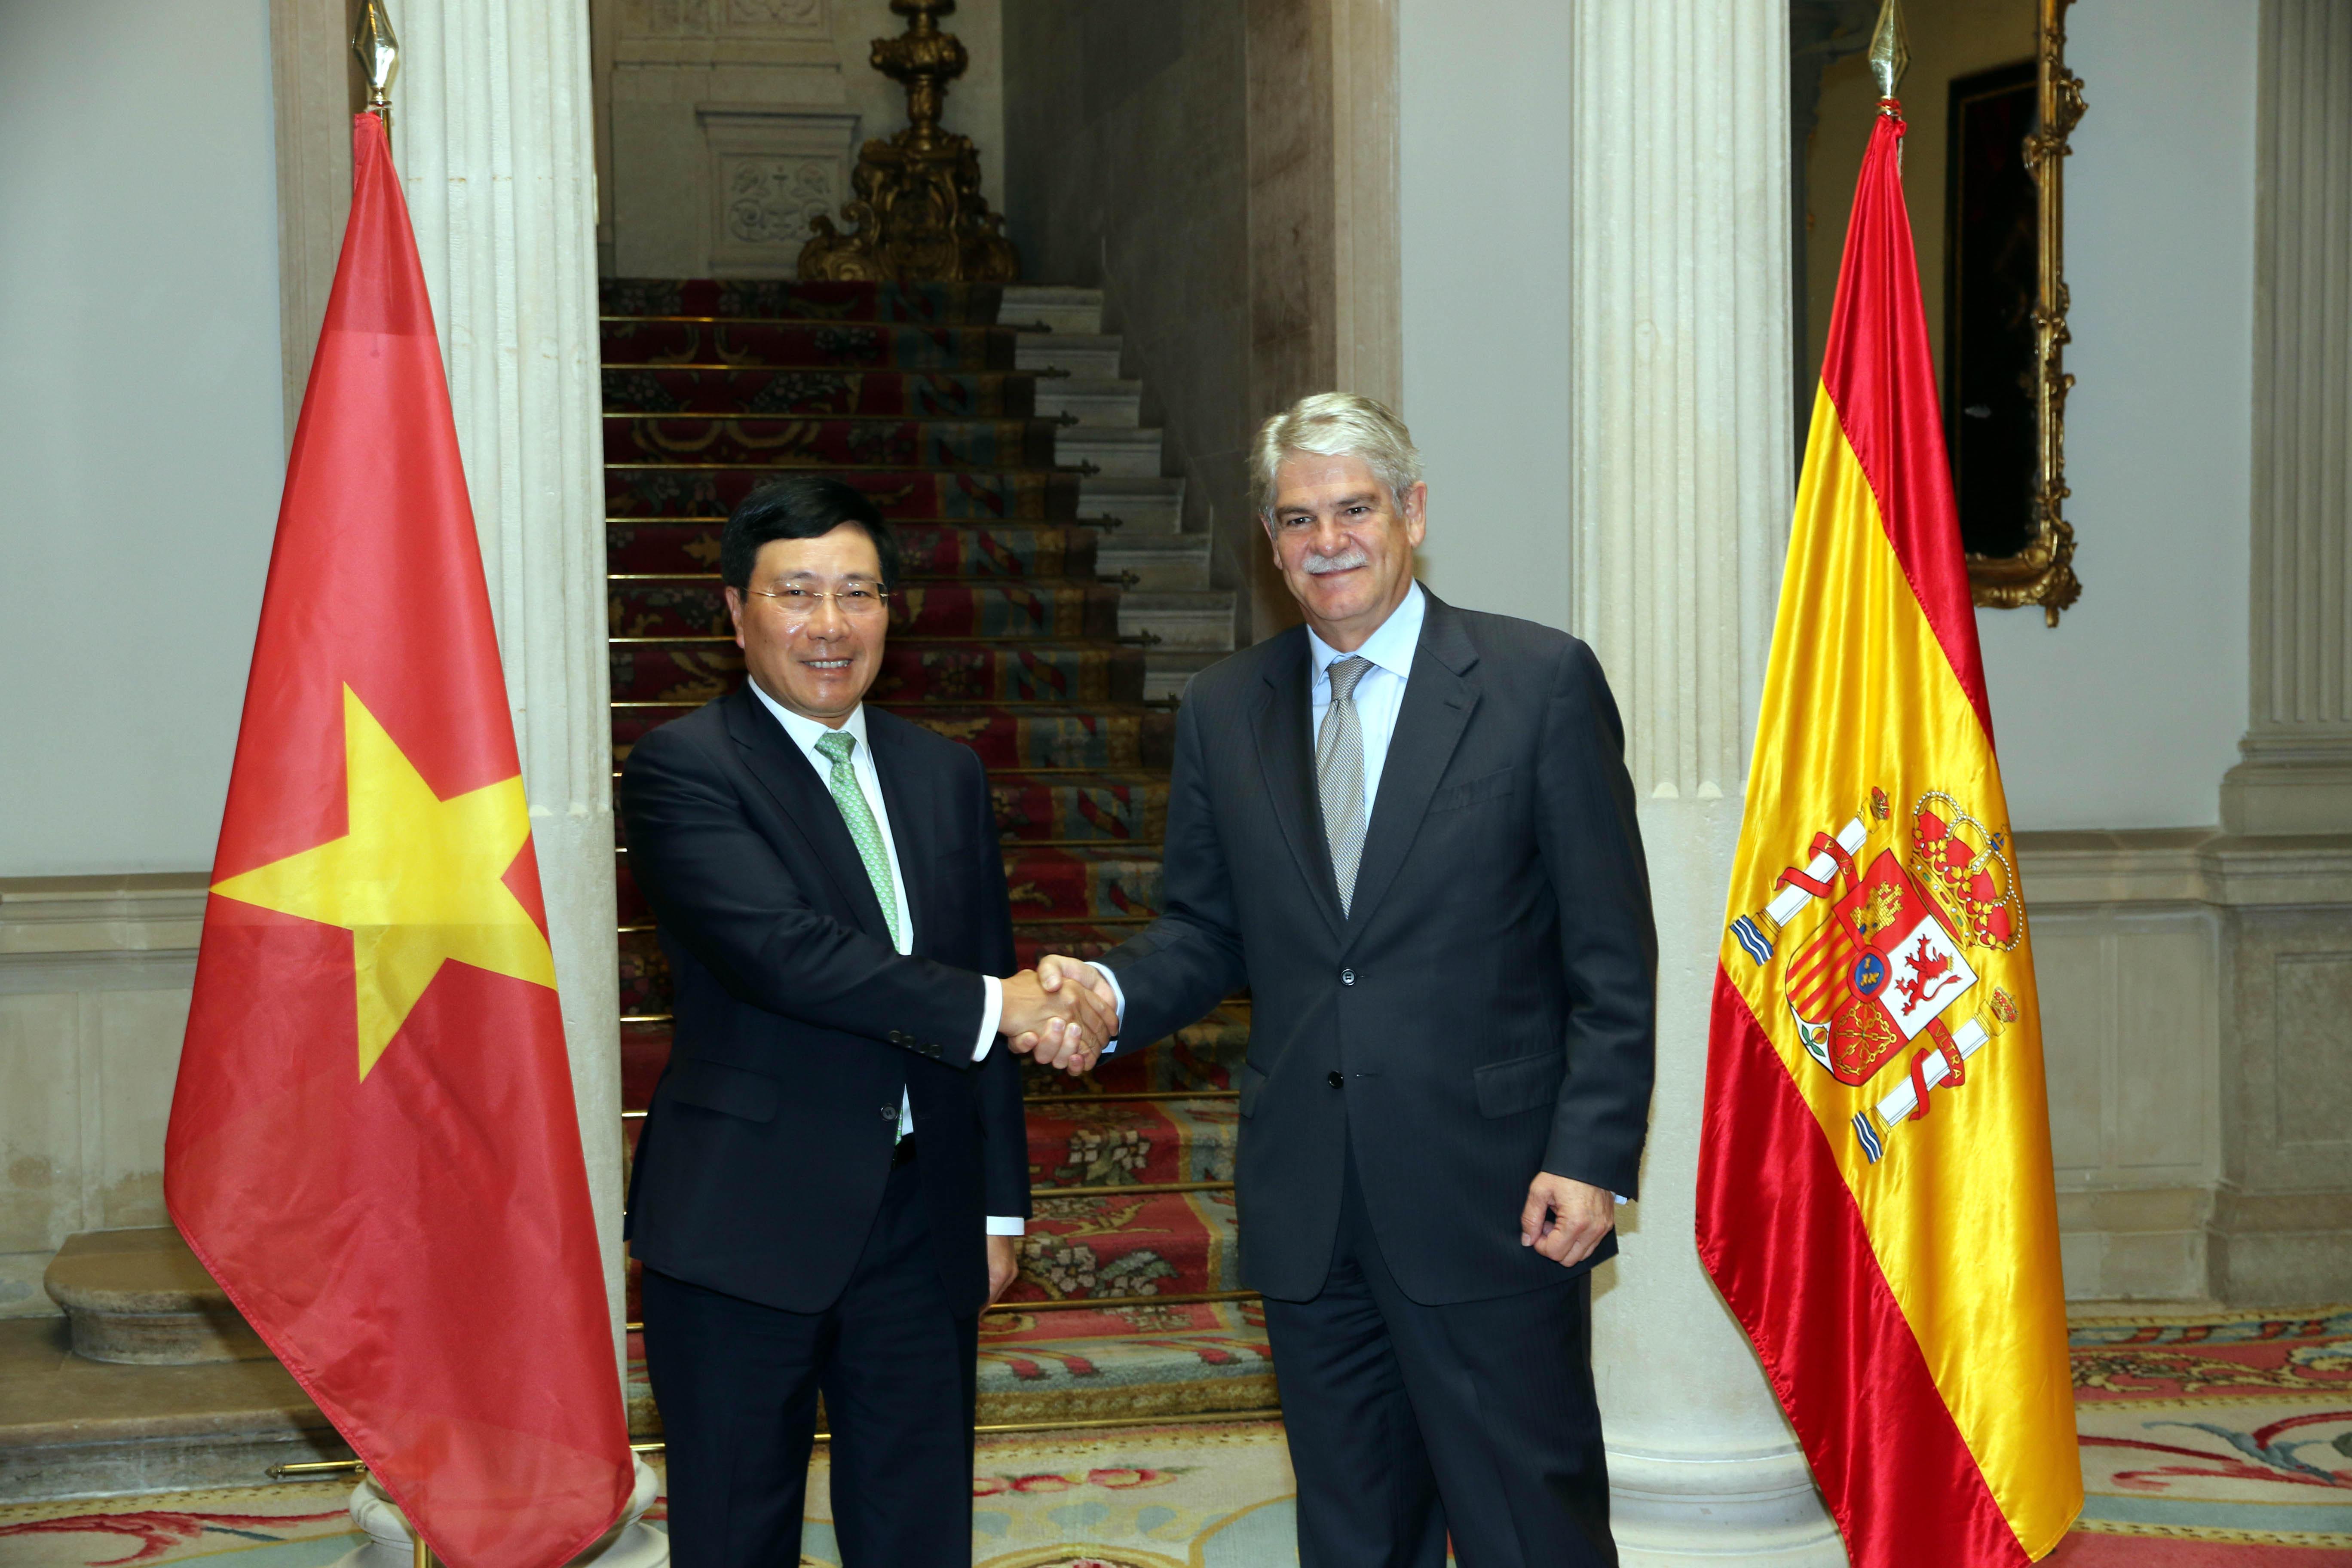 Phó Thủ tướng Phạm Bình Minh hội đàm với Bộ trưởng Ngoại giao và Hợp tác Tây Ban Nha